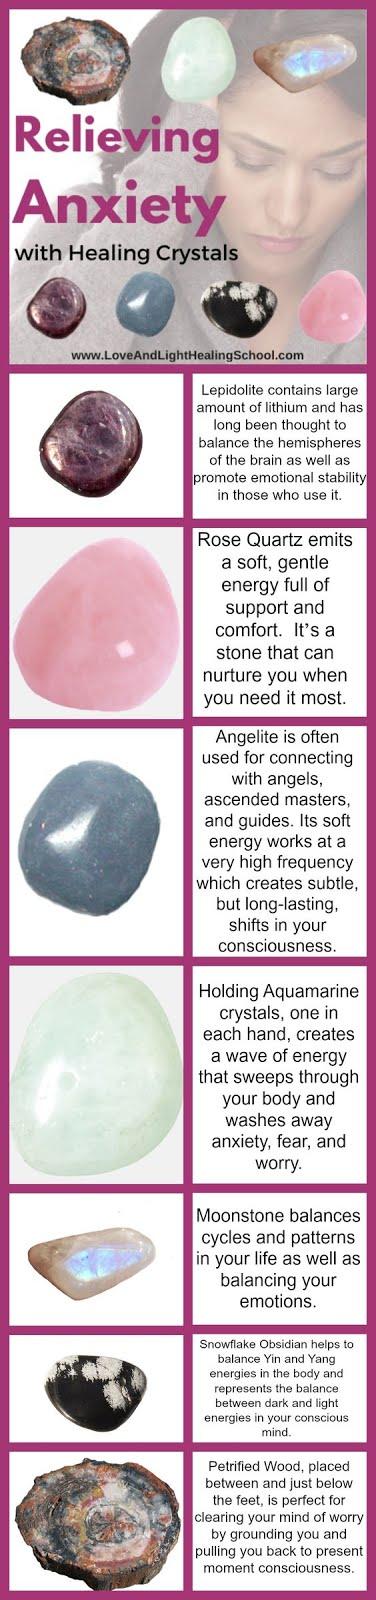 cristale remedii anxietate